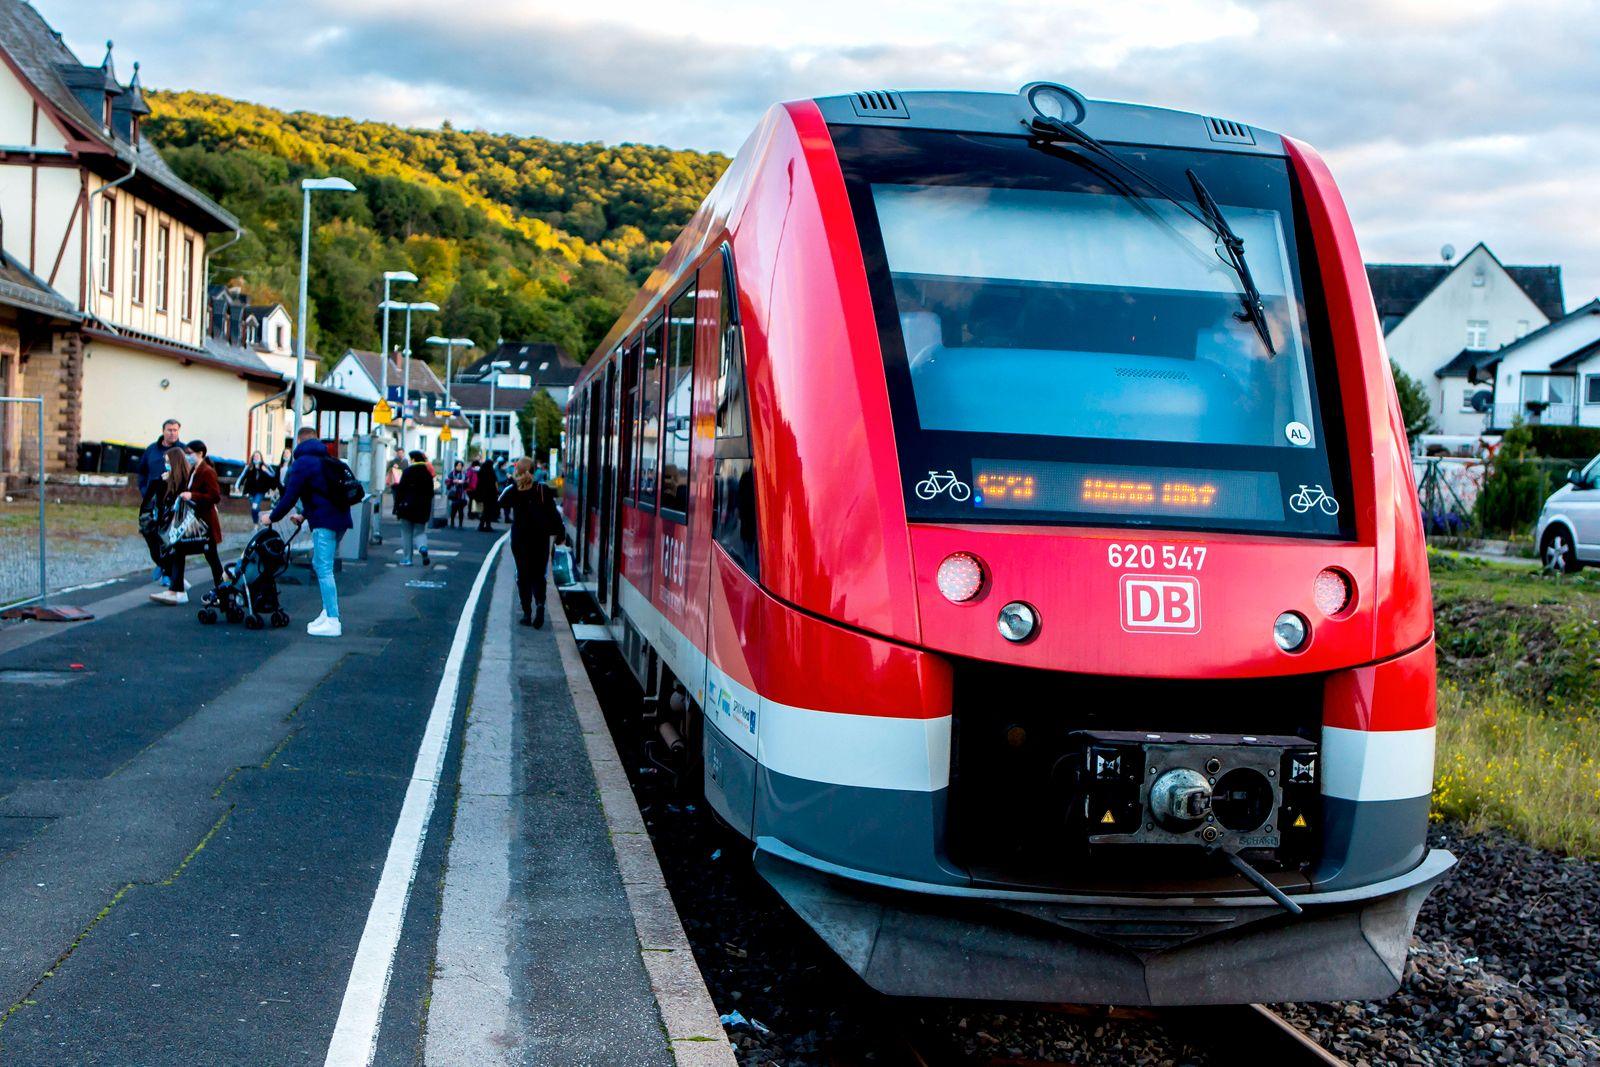 Regionalzug der Linie S 23 Voreifelbahn im Bahnhof von Bad M¸nstereifel ( NRW ). Vareo ist eine Marke des Zweckverbands